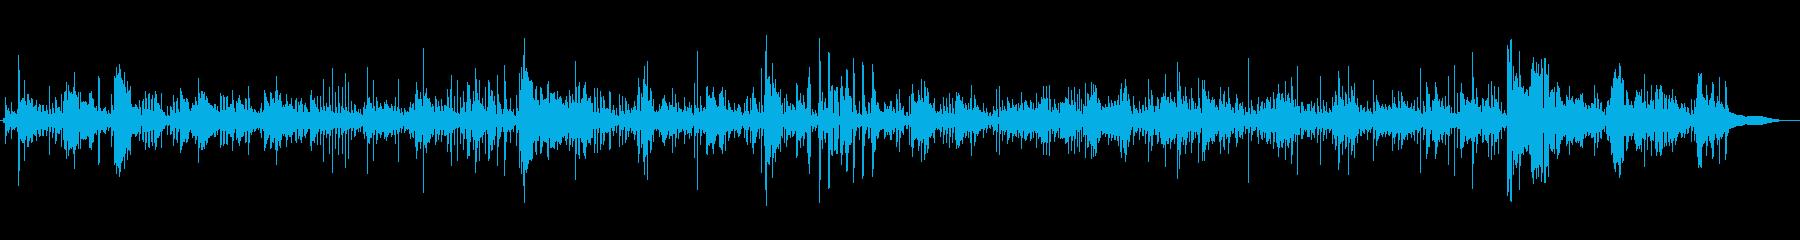 ボレロ風ジャズバラード|哀愁・しっとりの再生済みの波形